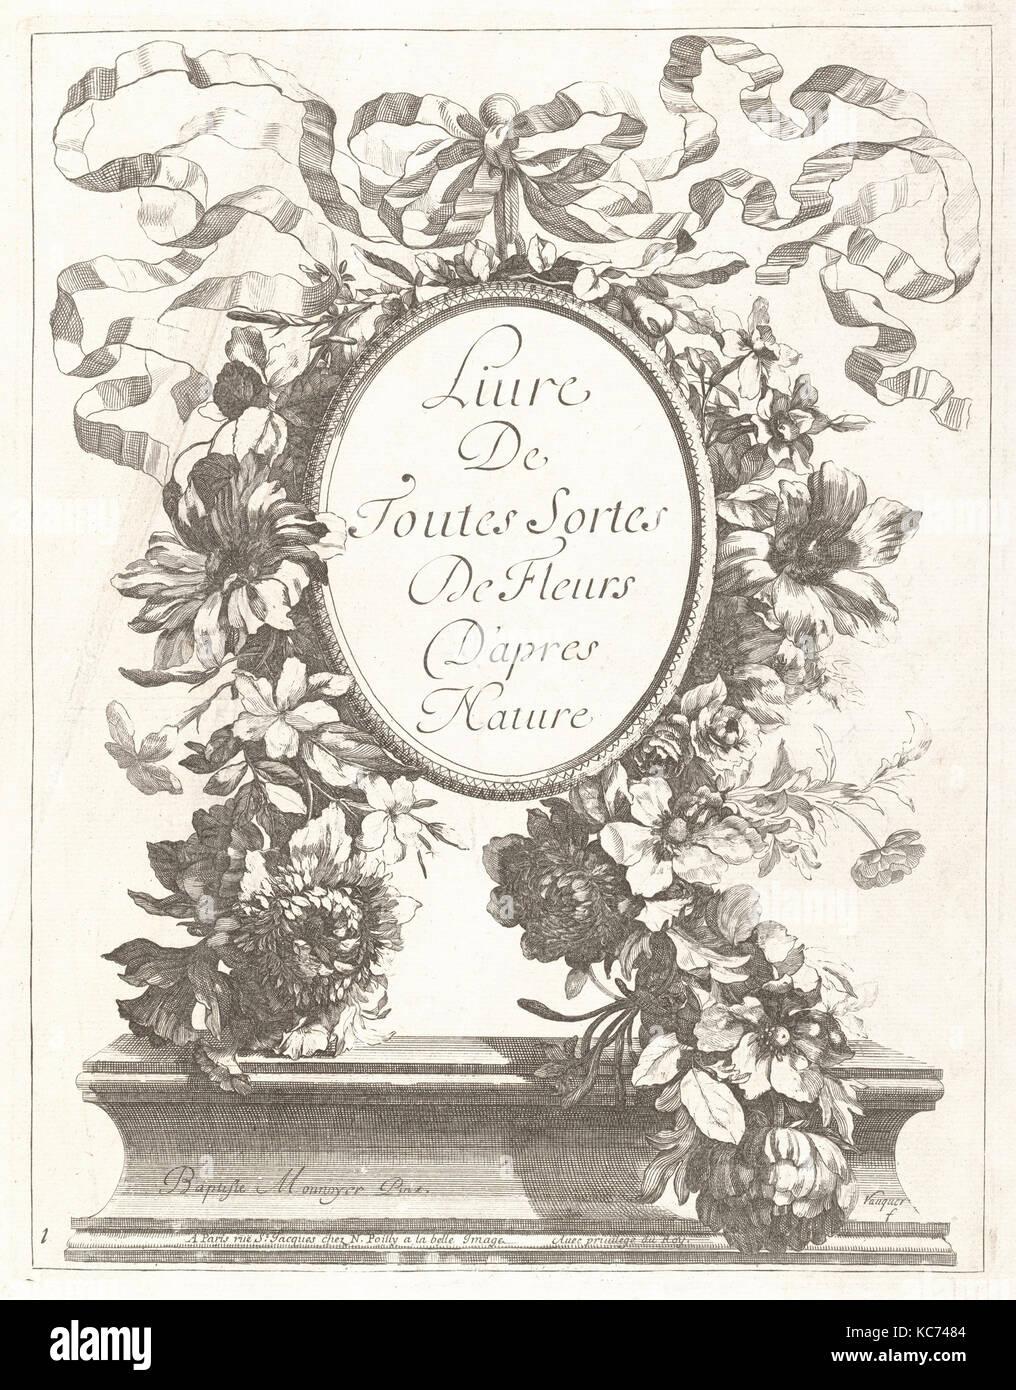 Livre de Toutes Sortes De Fleurs D'apres Nature, ca. 1670–80 - Stock Image